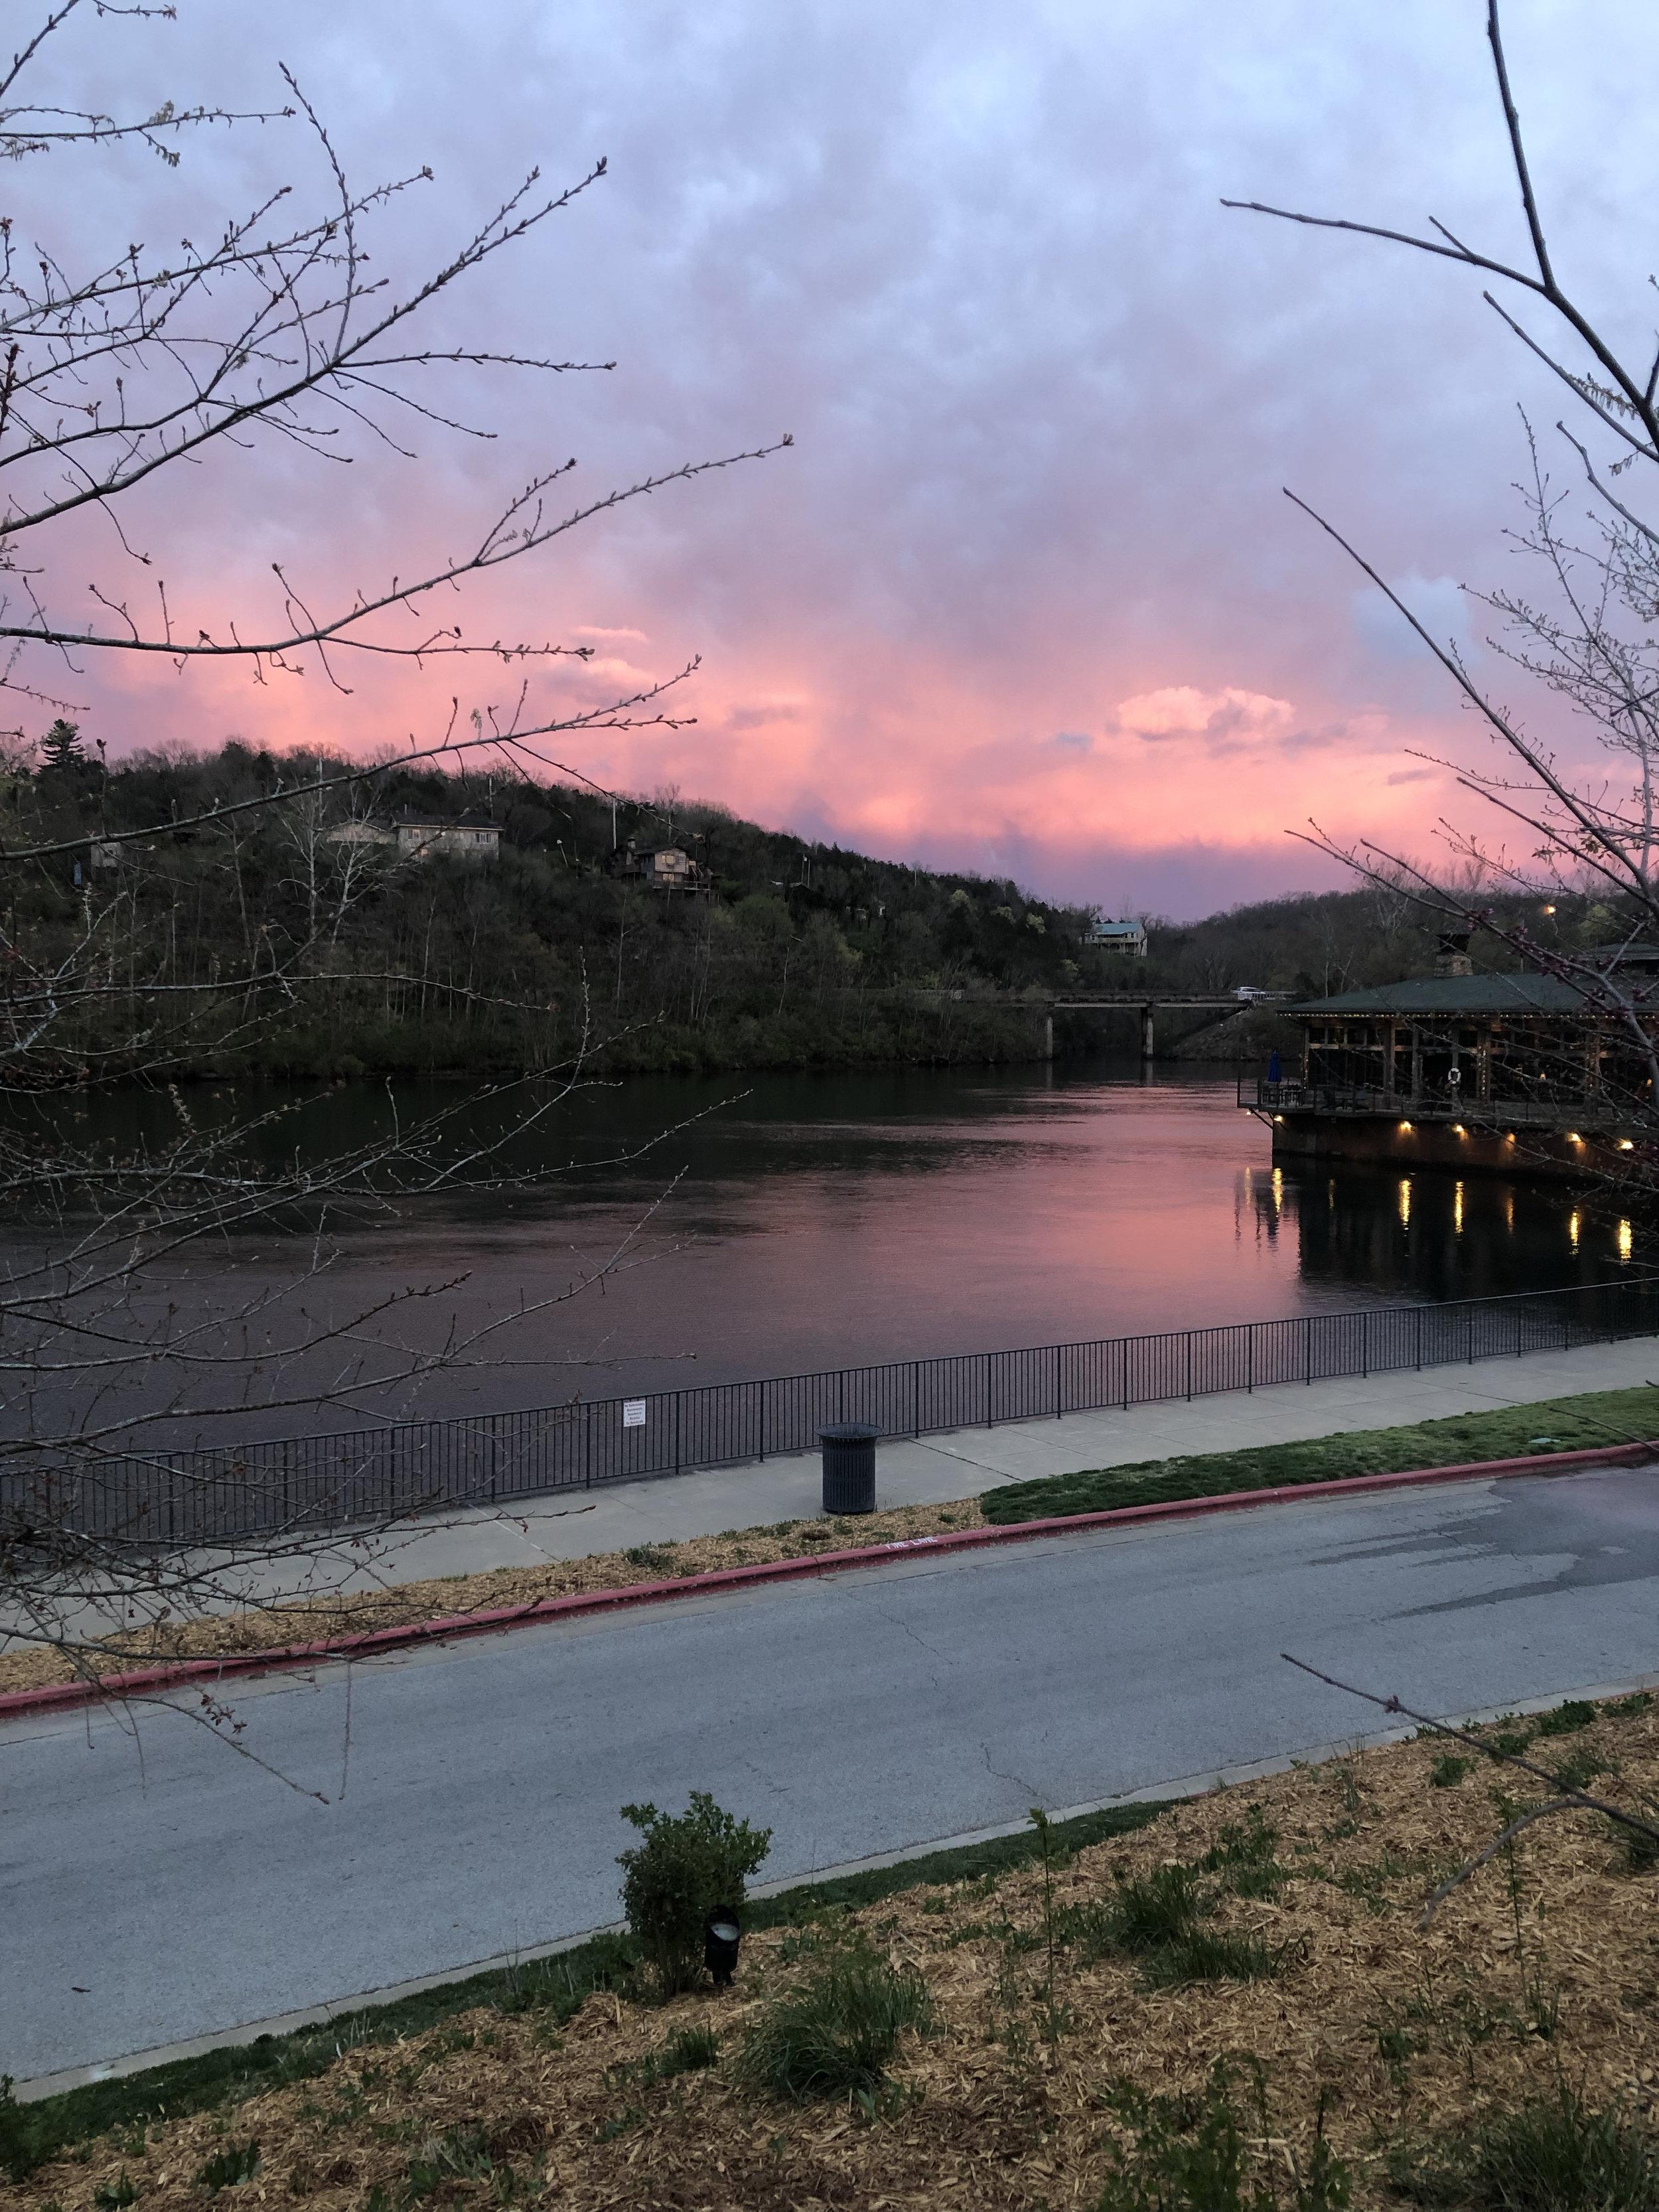 Beautiful Branson sunset